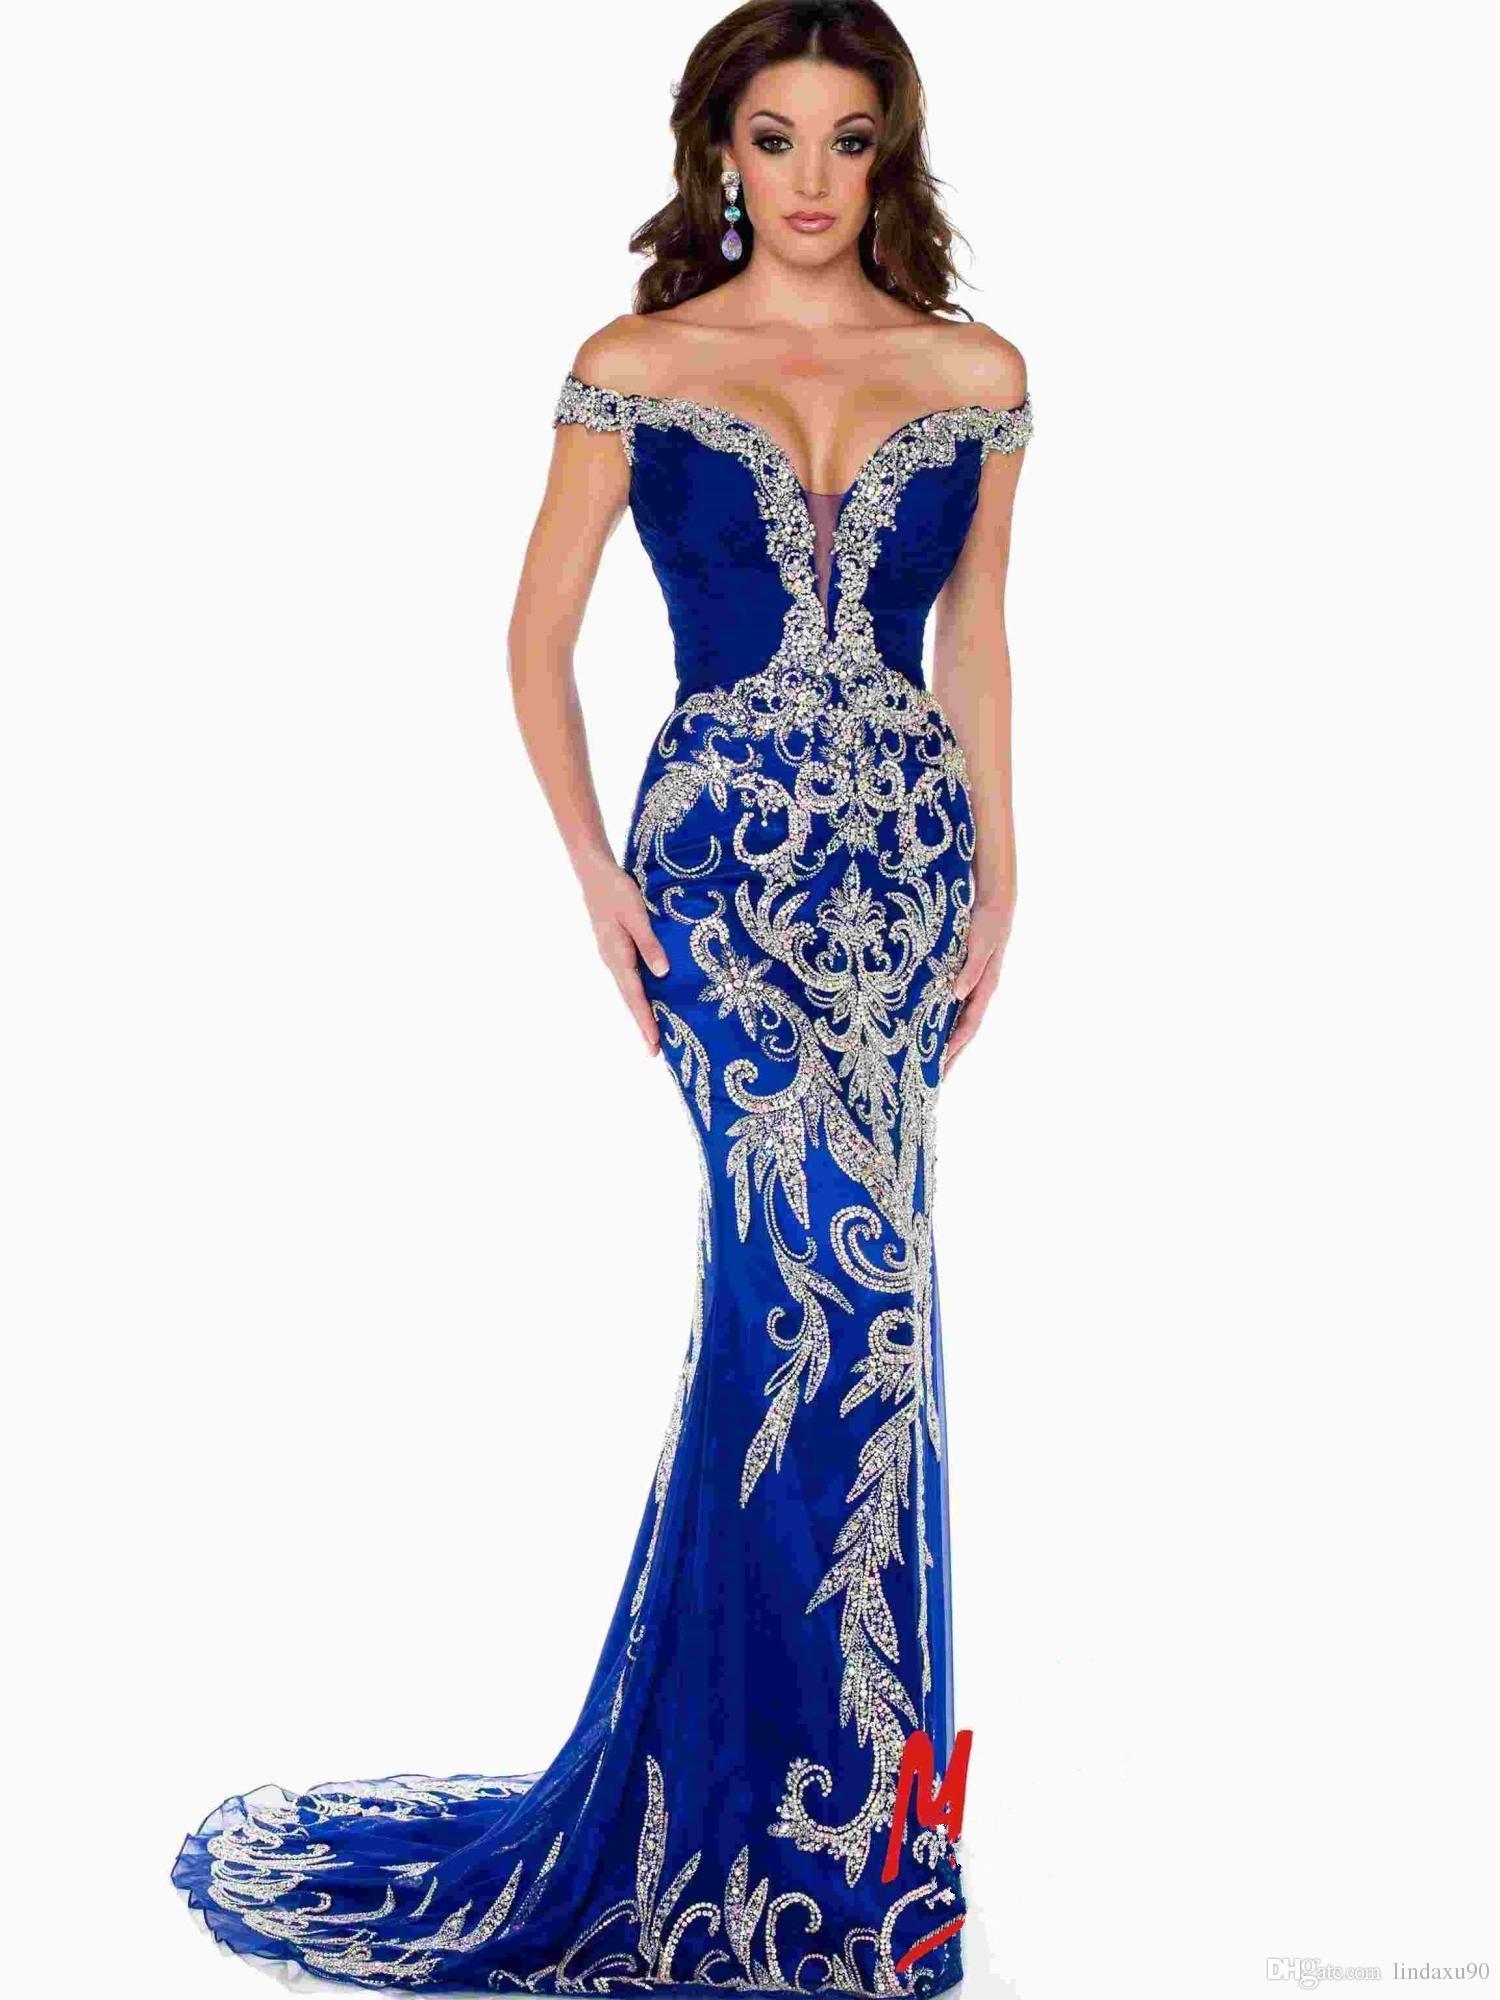 Großhandel Prom Kleider Luxus Designer Abendkleider Aus Der Schulter  Kristall Pailletten Bling Royal Blue Tüll Mermaid Formal Pageant Kleider  Von